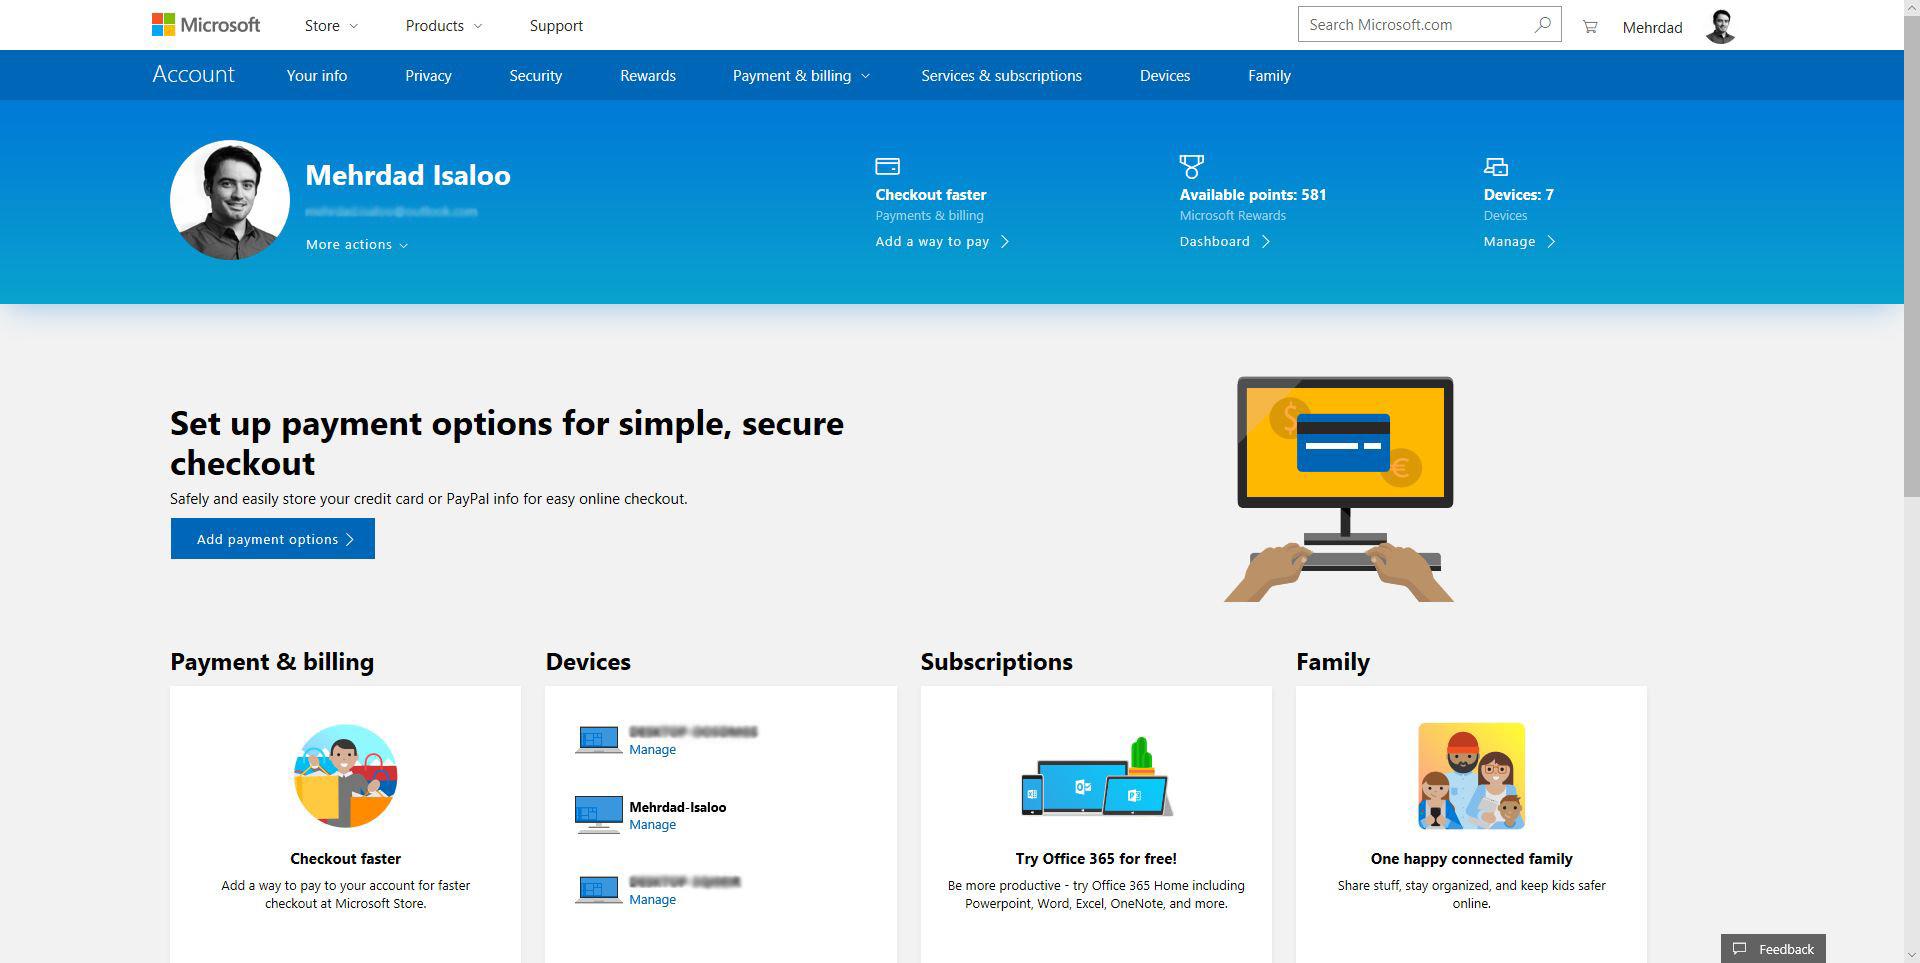 صفحه مدیریت حسابهای کاربری مایکروسافت